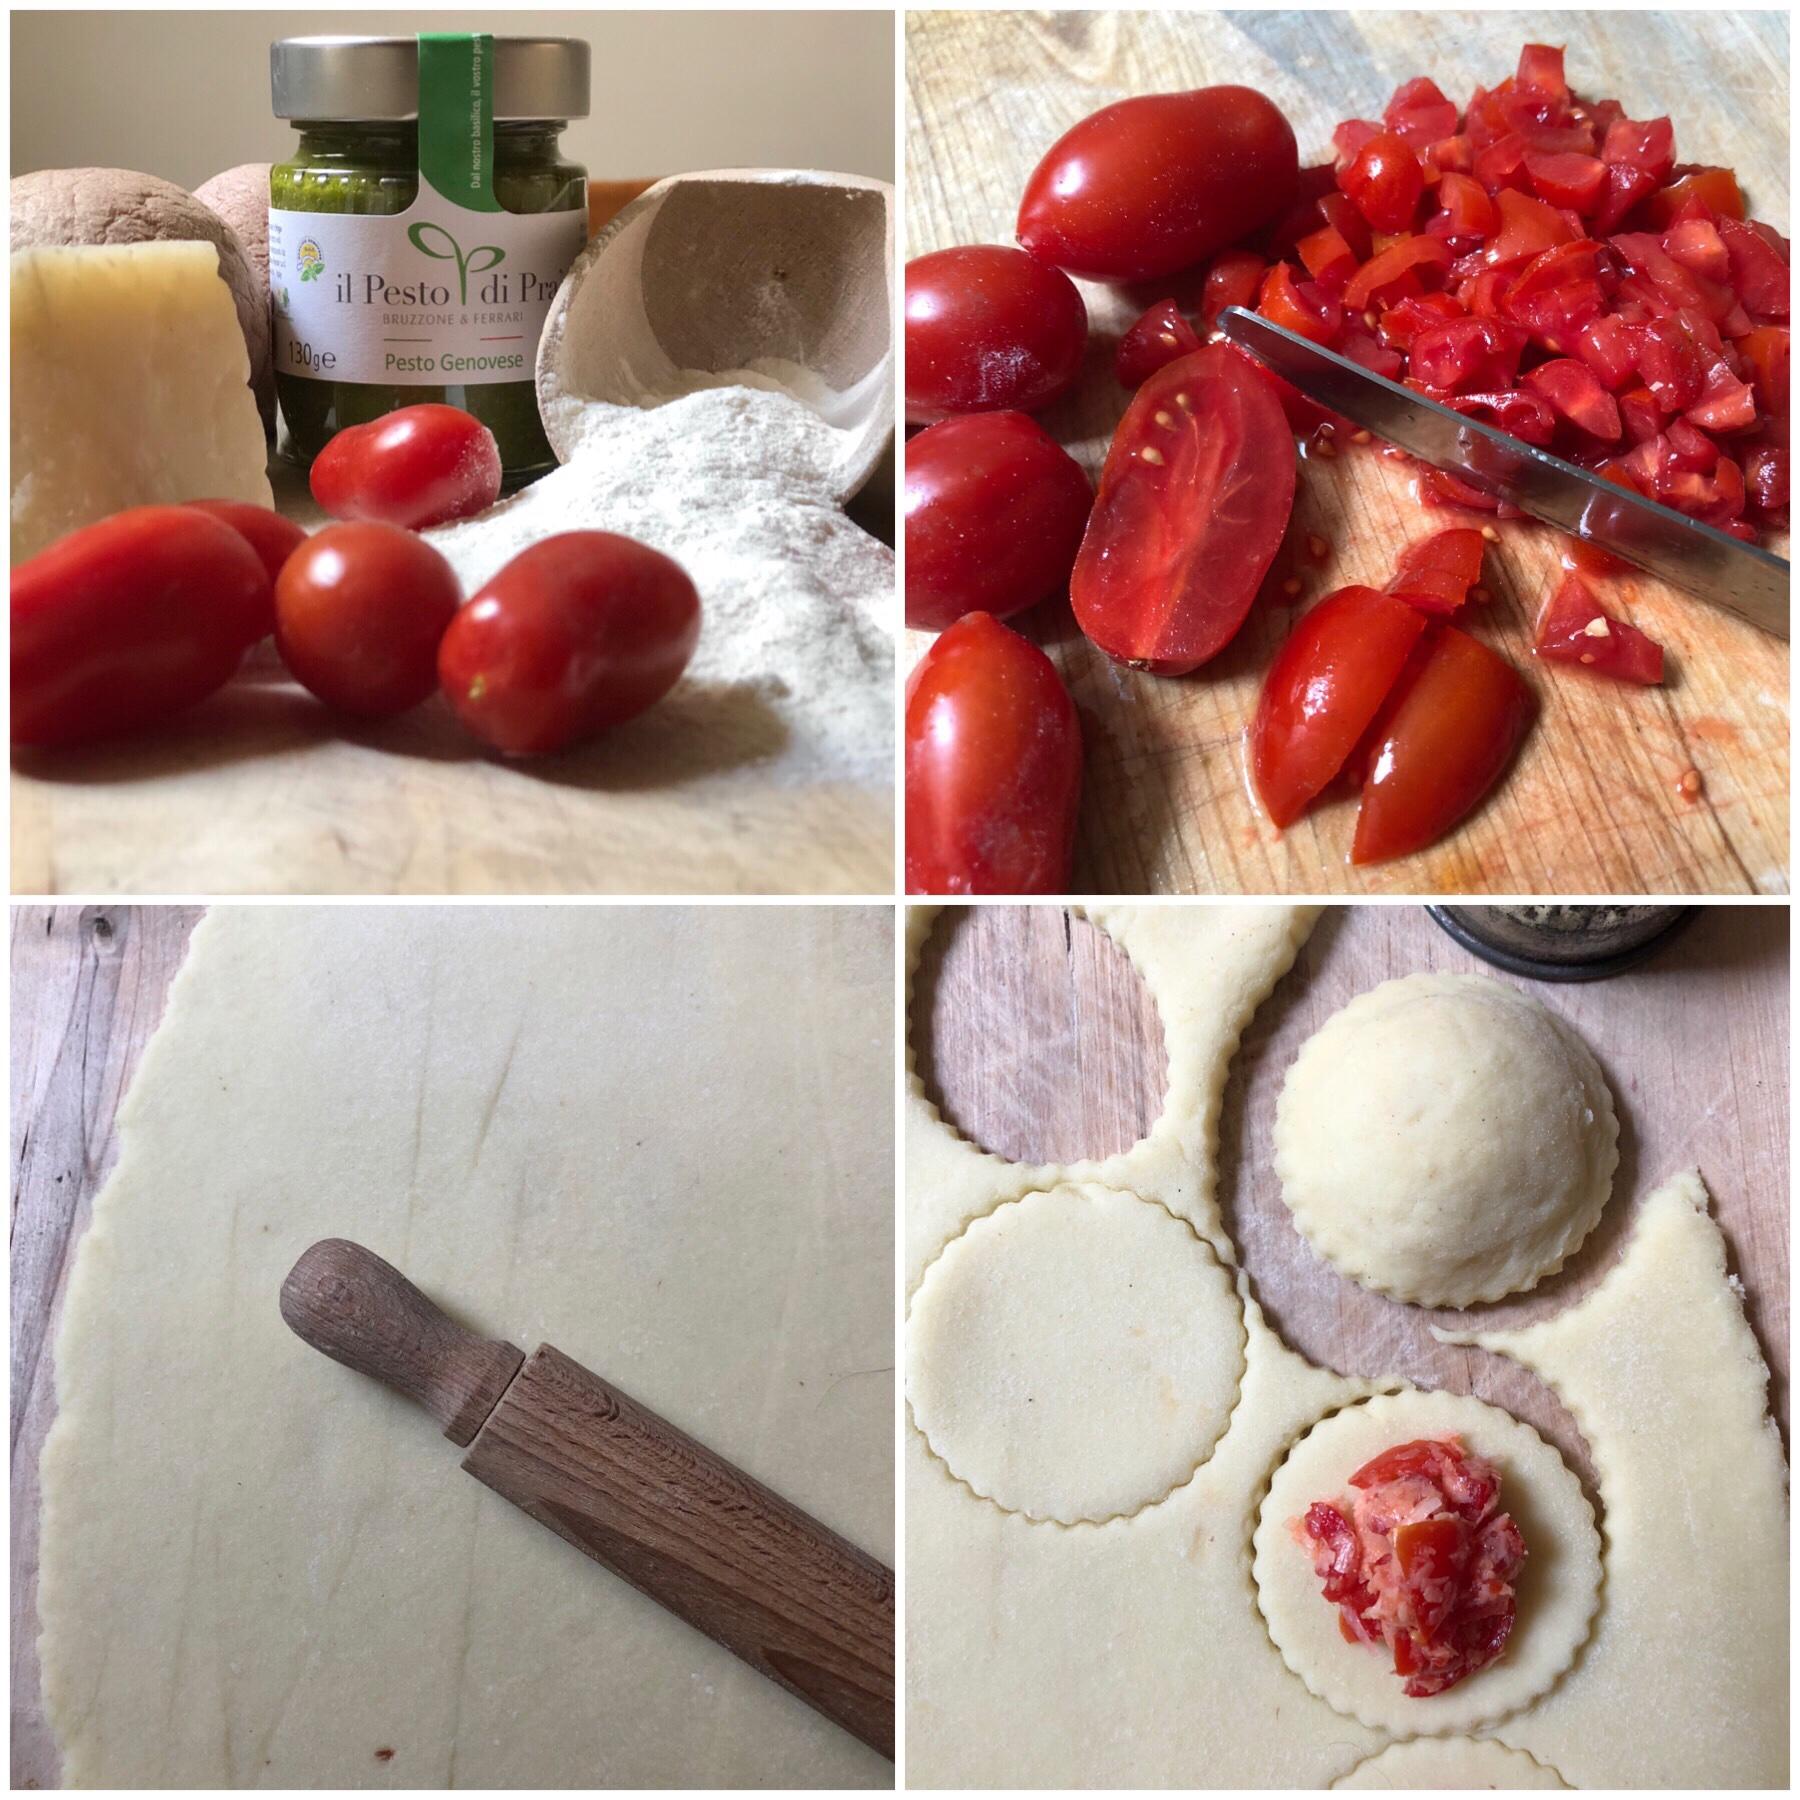 Gnocchi ripieni di pomodoro al pesto